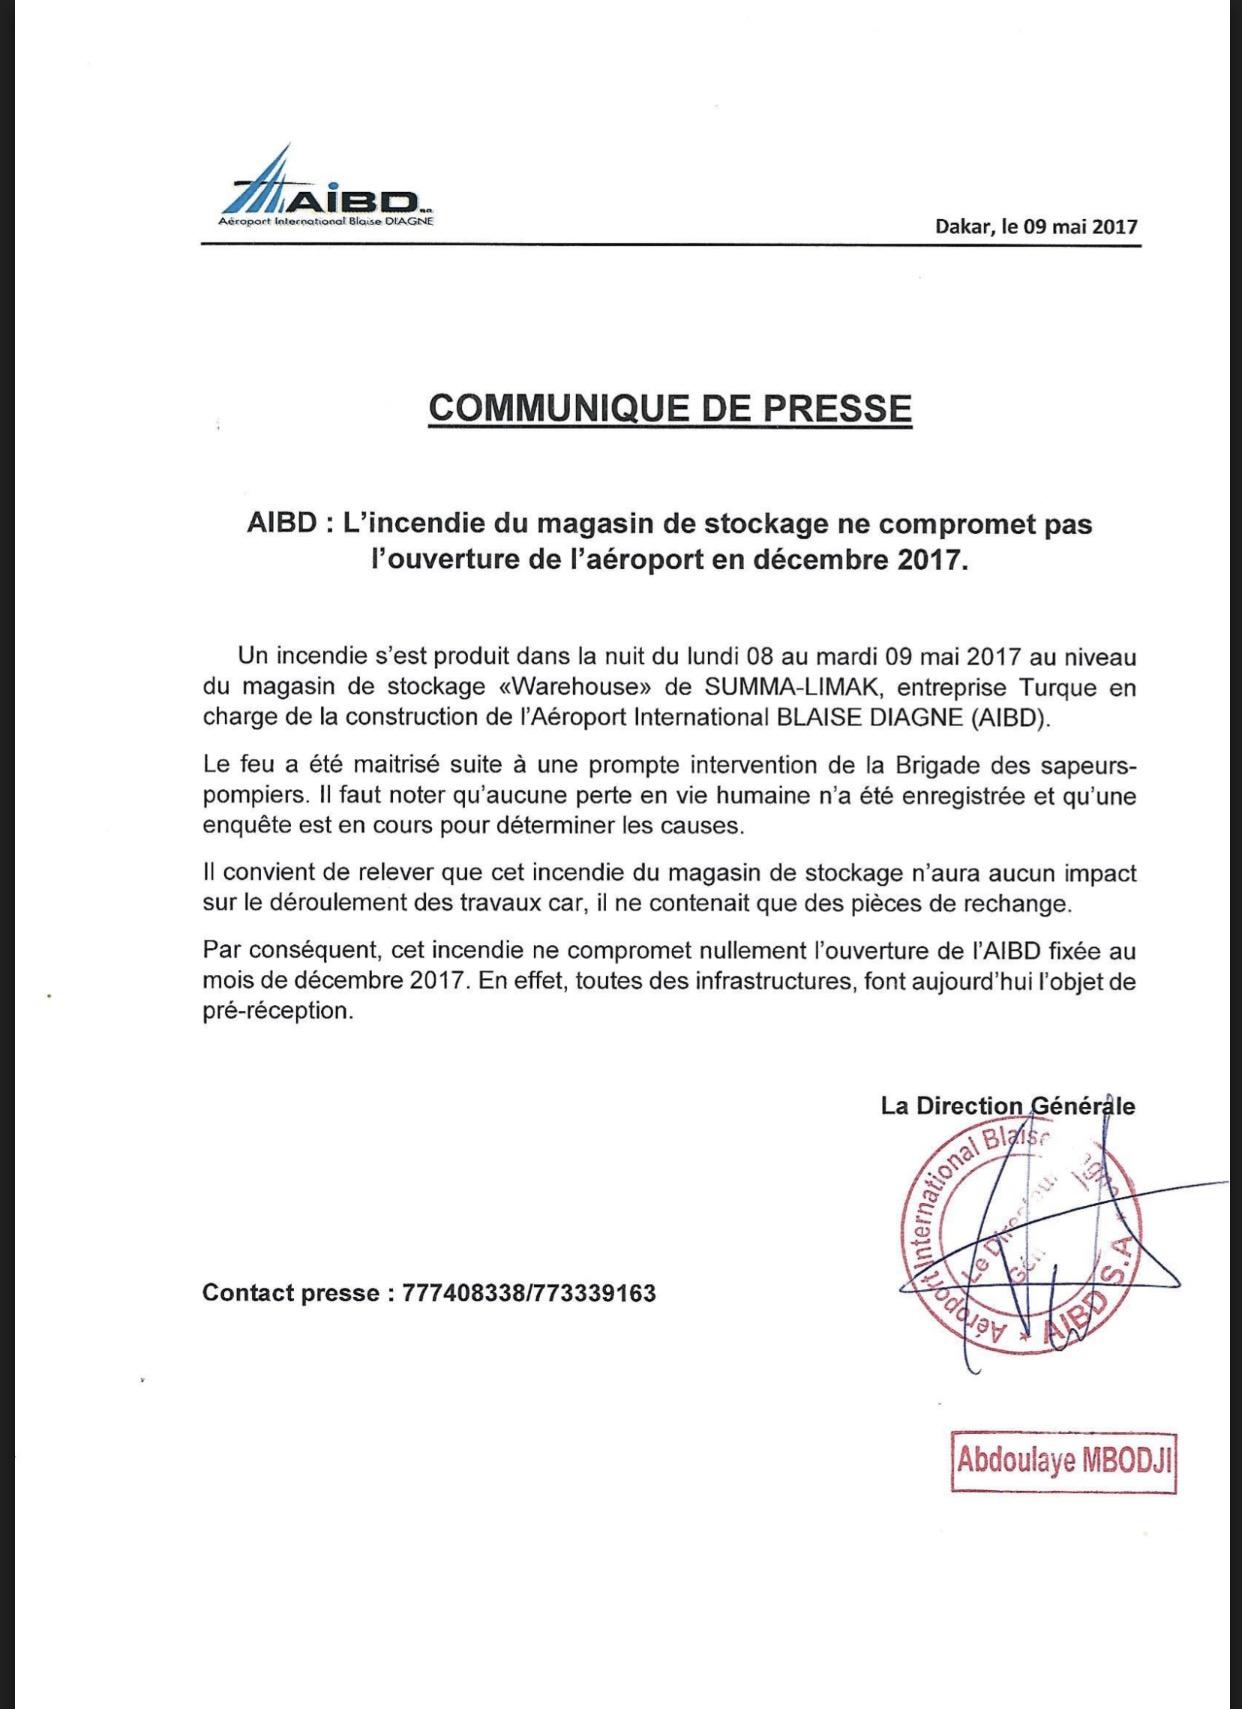 AIBD : L'incendie du magasin de stockage ne compromet pas l'ouverture  de l'aéroport en décembre 2017 (DOCUMENT)